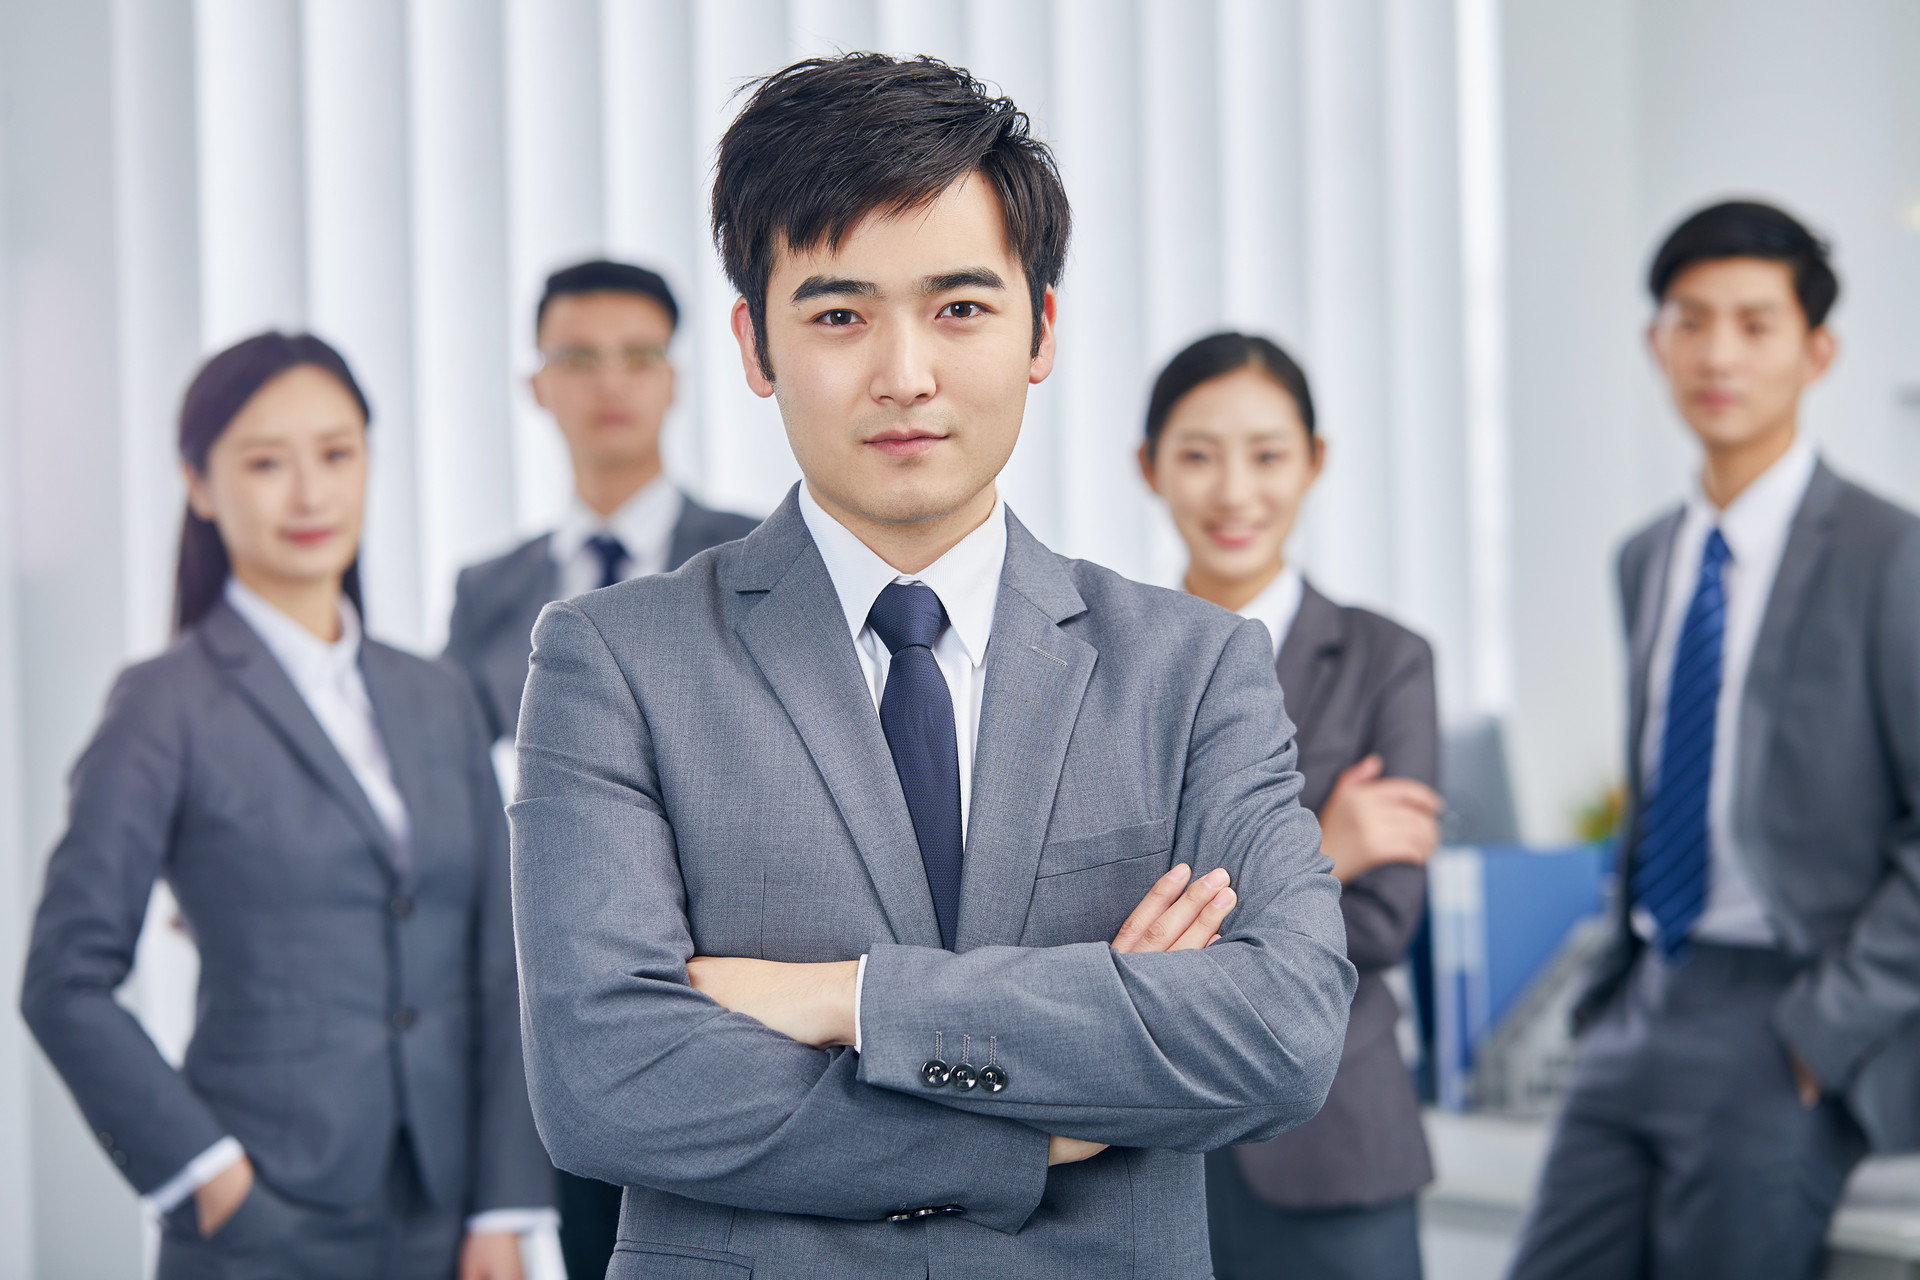 唐山市专业口才培训课程